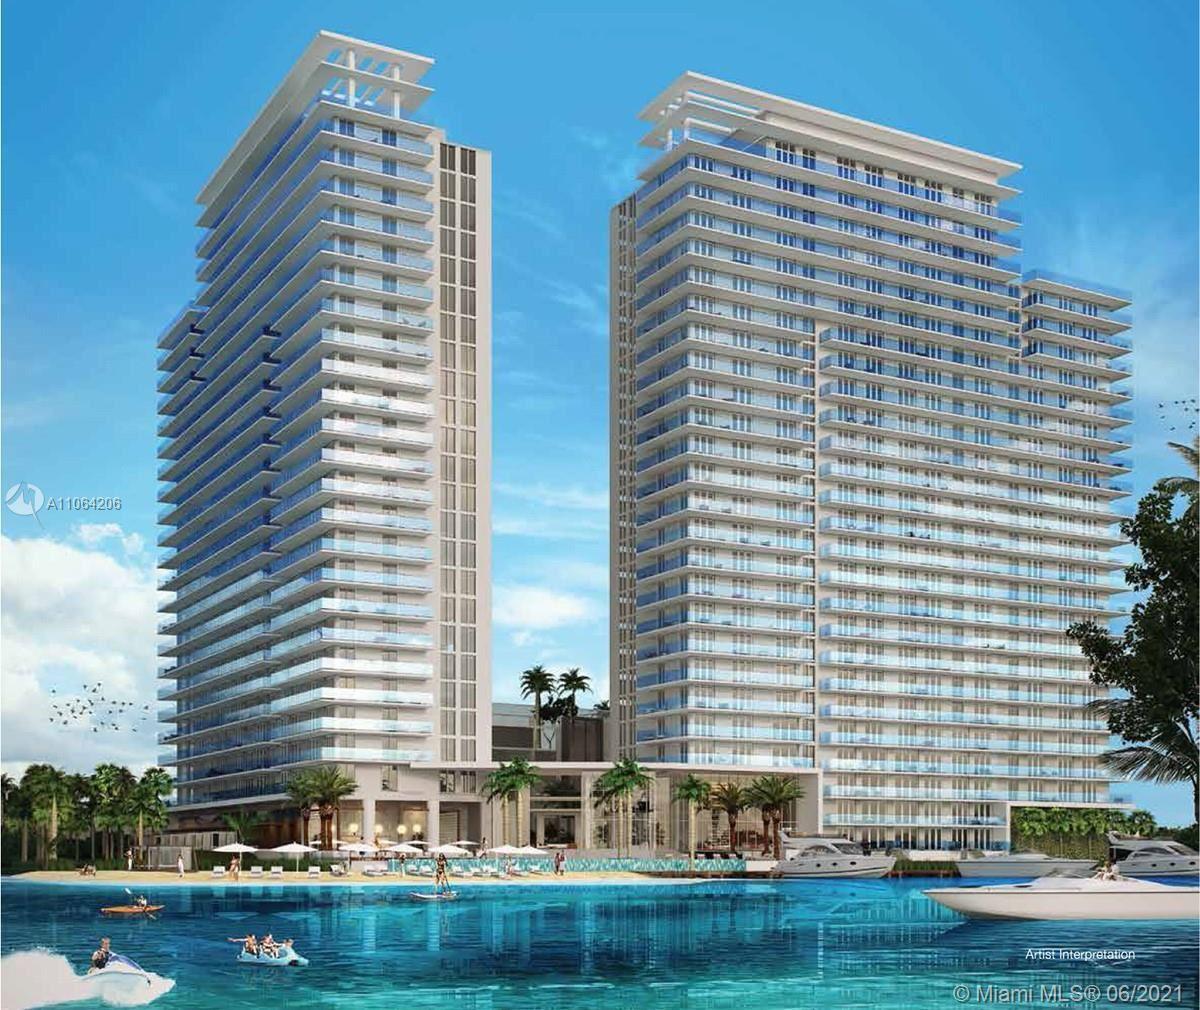 16385 Biscayne Blvd #719, North Miami Beach, FL 33160 - #: A11064206